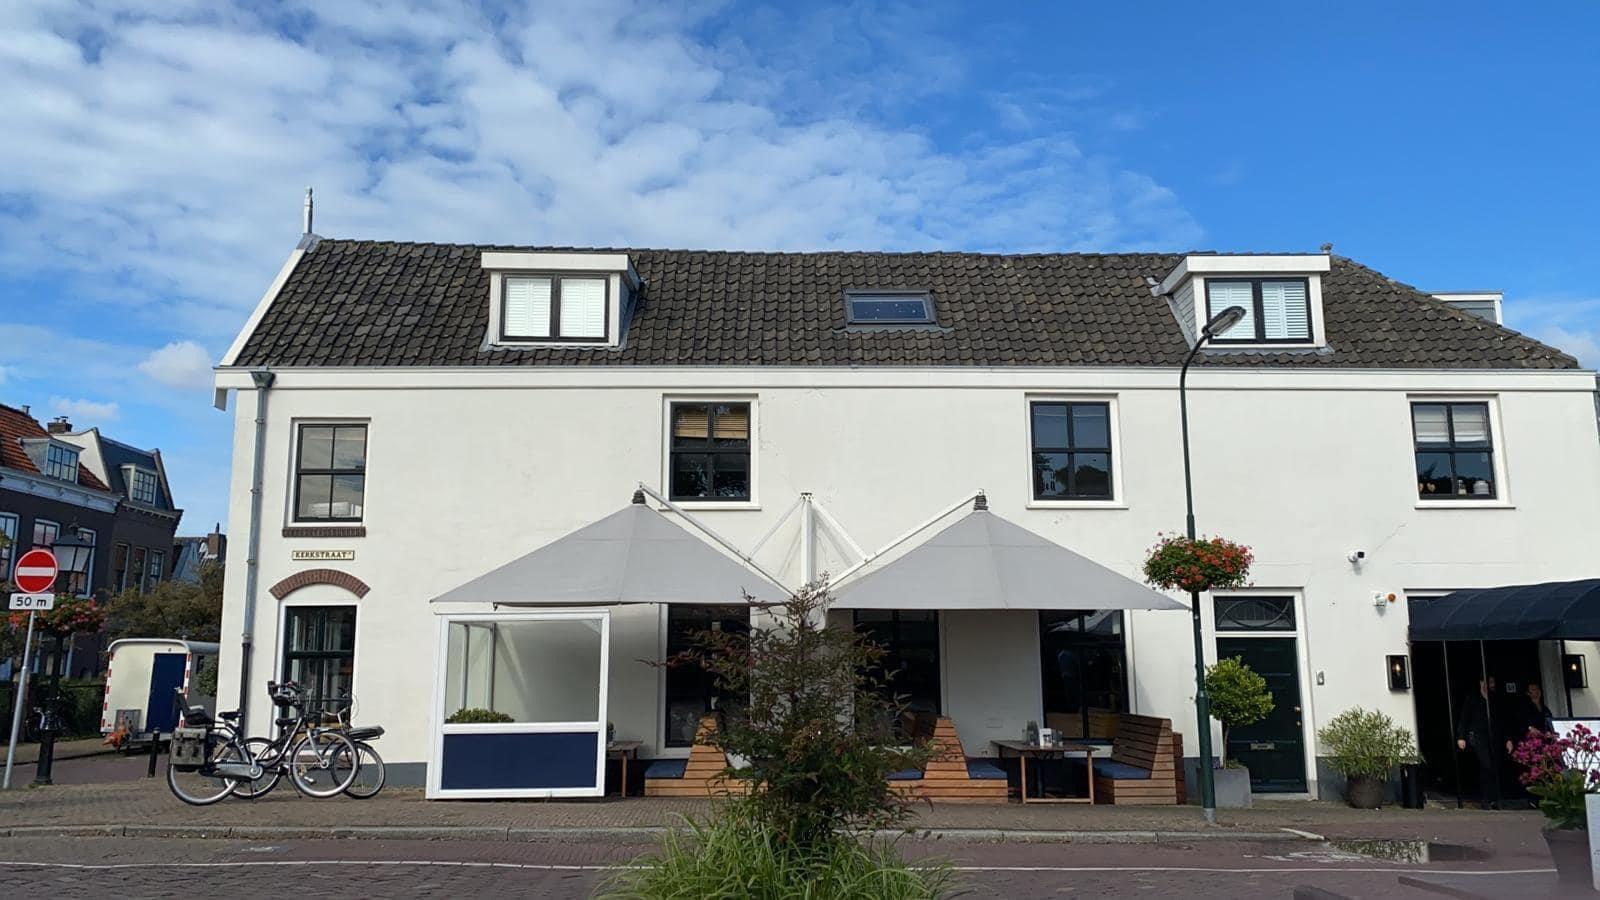 Kerkstraat 58, Voorburg